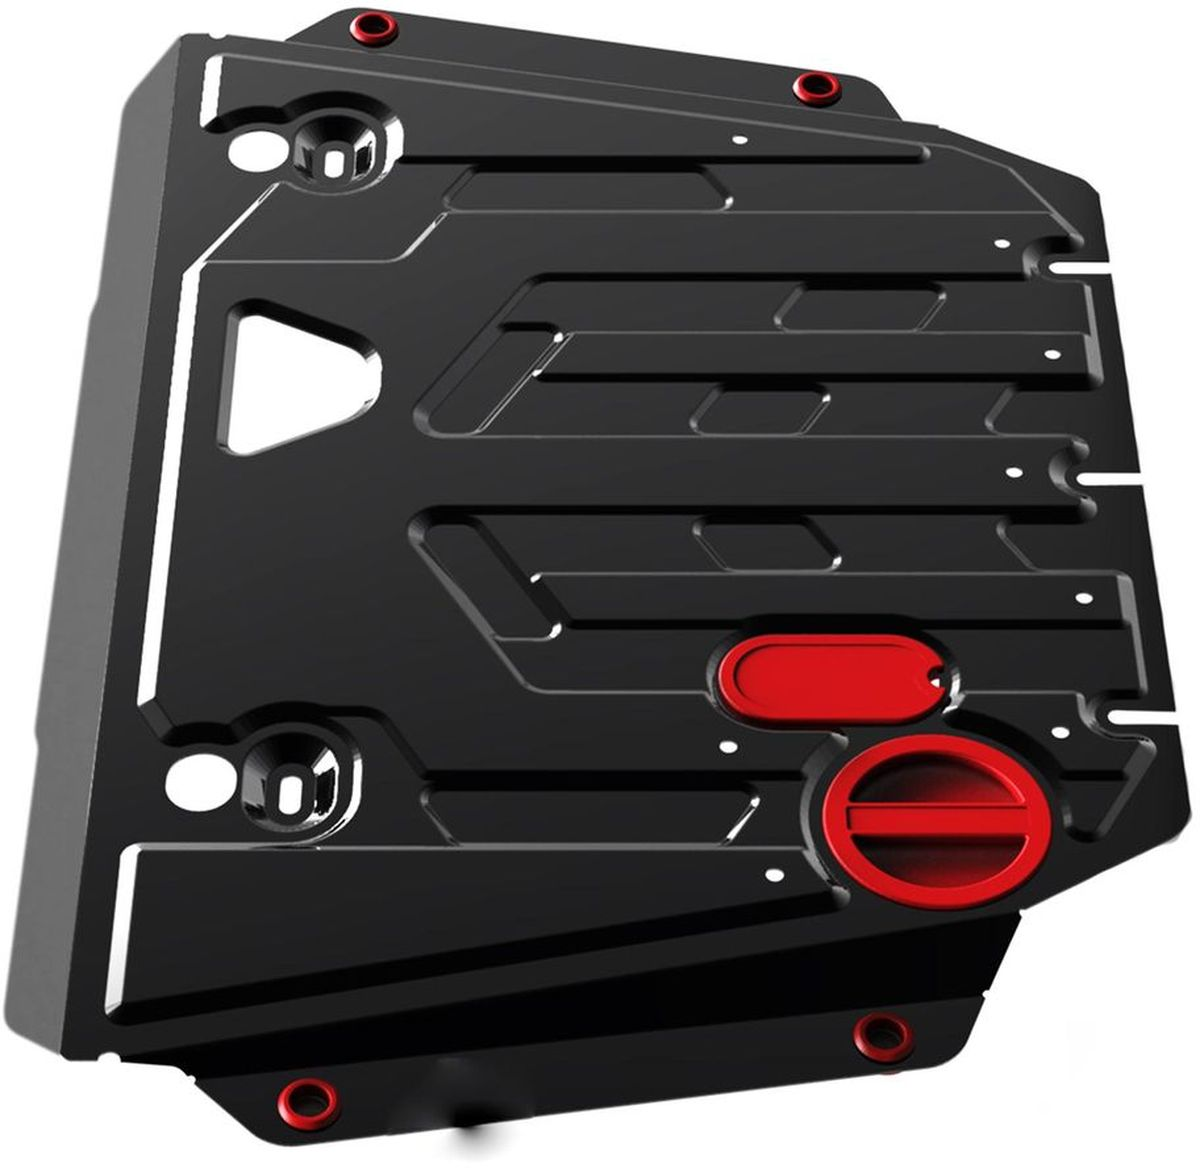 Защита картера и КПП Автоброня Honda Jazz 2004-2008, сталь 2 мм111.02106.1Защита картера и КПП Автоброня Honda Jazz, V -1,4 2004-2008, сталь 2 мм, комплект крепежа, 111.02106.1Стальные защиты Автоброня надежно защищают ваш автомобиль от повреждений при наезде на бордюры, выступающие канализационные люки, кромки поврежденного асфальта или при ремонте дорог, не говоря уже о загородных дорогах.- Имеют оптимальное соотношение цена-качество.- Спроектированы с учетом особенностей автомобиля, что делает установку удобной.- Защита устанавливается в штатные места кузова автомобиля.- Является надежной защитой для важных элементов на протяжении долгих лет.- Глубокий штамп дополнительно усиливает конструкцию защиты.- Подштамповка в местах крепления защищает крепеж от срезания.- Технологические отверстия там, где они необходимы для смены масла и слива воды, оборудованные заглушками, закрепленными на защите.Толщина стали 2 мм.В комплекте крепеж и инструкция по установке.Уважаемые клиенты!Обращаем ваше внимание на тот факт, что защита имеет форму, соответствующую модели данного автомобиля. Наличие глубокого штампа и лючков для смены фильтров/масла предусмотрено не на всех защитах. Фото служит для визуального восприятия товара.